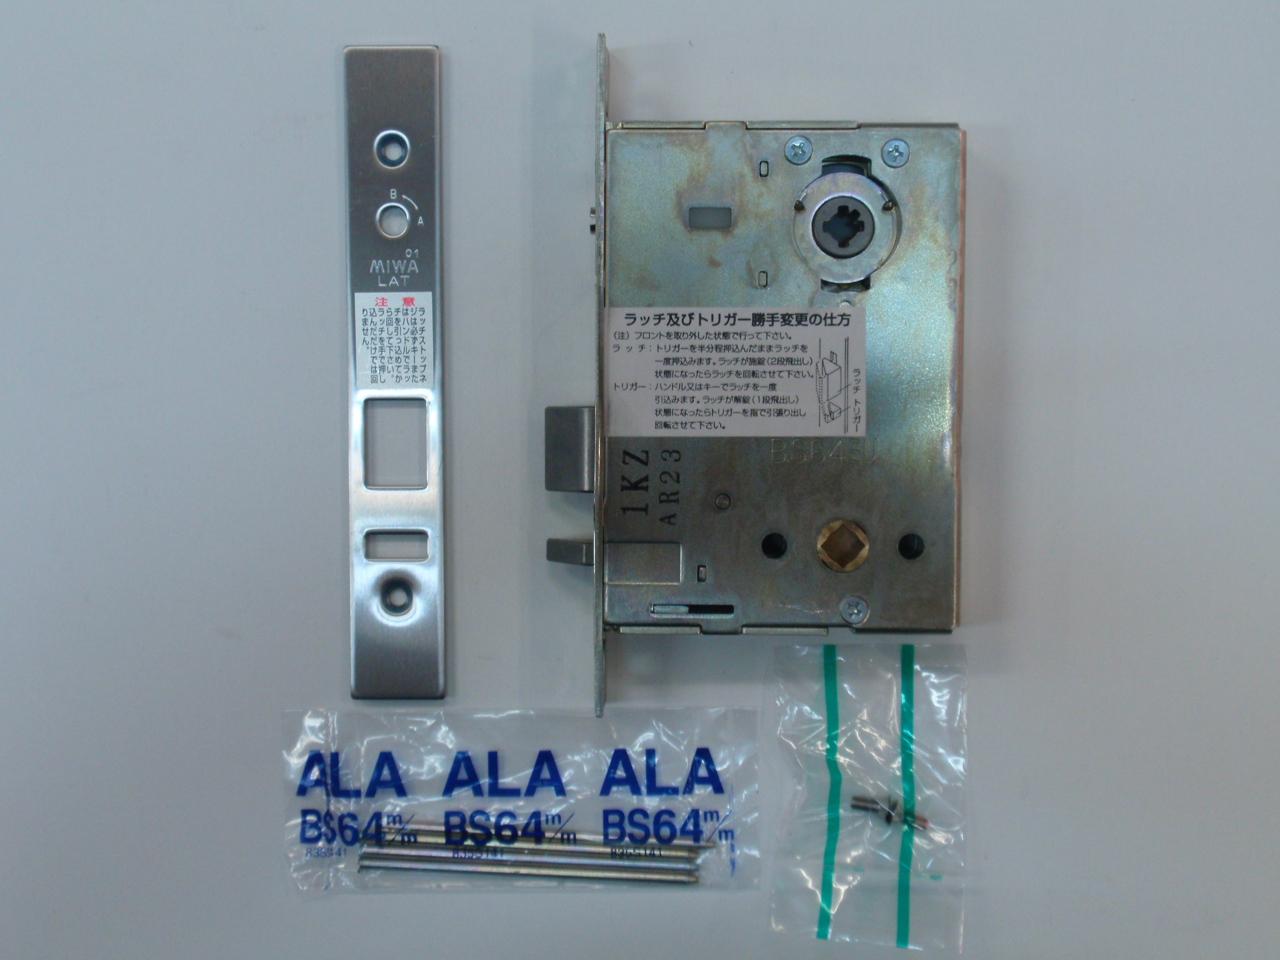 MIWA レバーハンドル錠(自動施錠タイプ) LAT-2A 本体ケースのみ BS51mm・BS64mm シルバー色 マンション ホテル 裏口 非常口 出入口 防犯 鍵 交換 取替